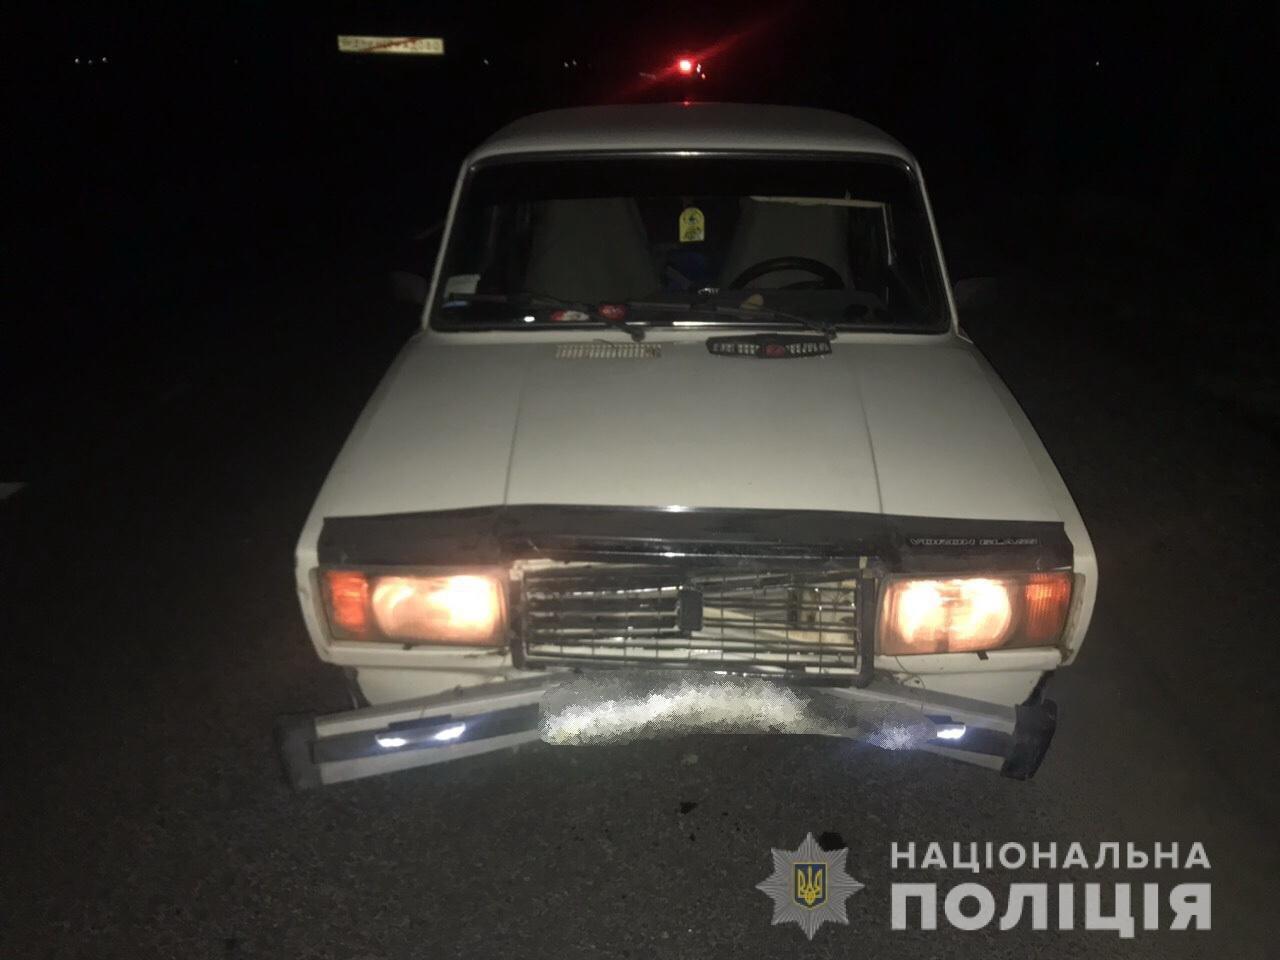 Поліція повідомила офіційні подробиці ДТП із загиблим пішоходом (ФОТО), фото-1